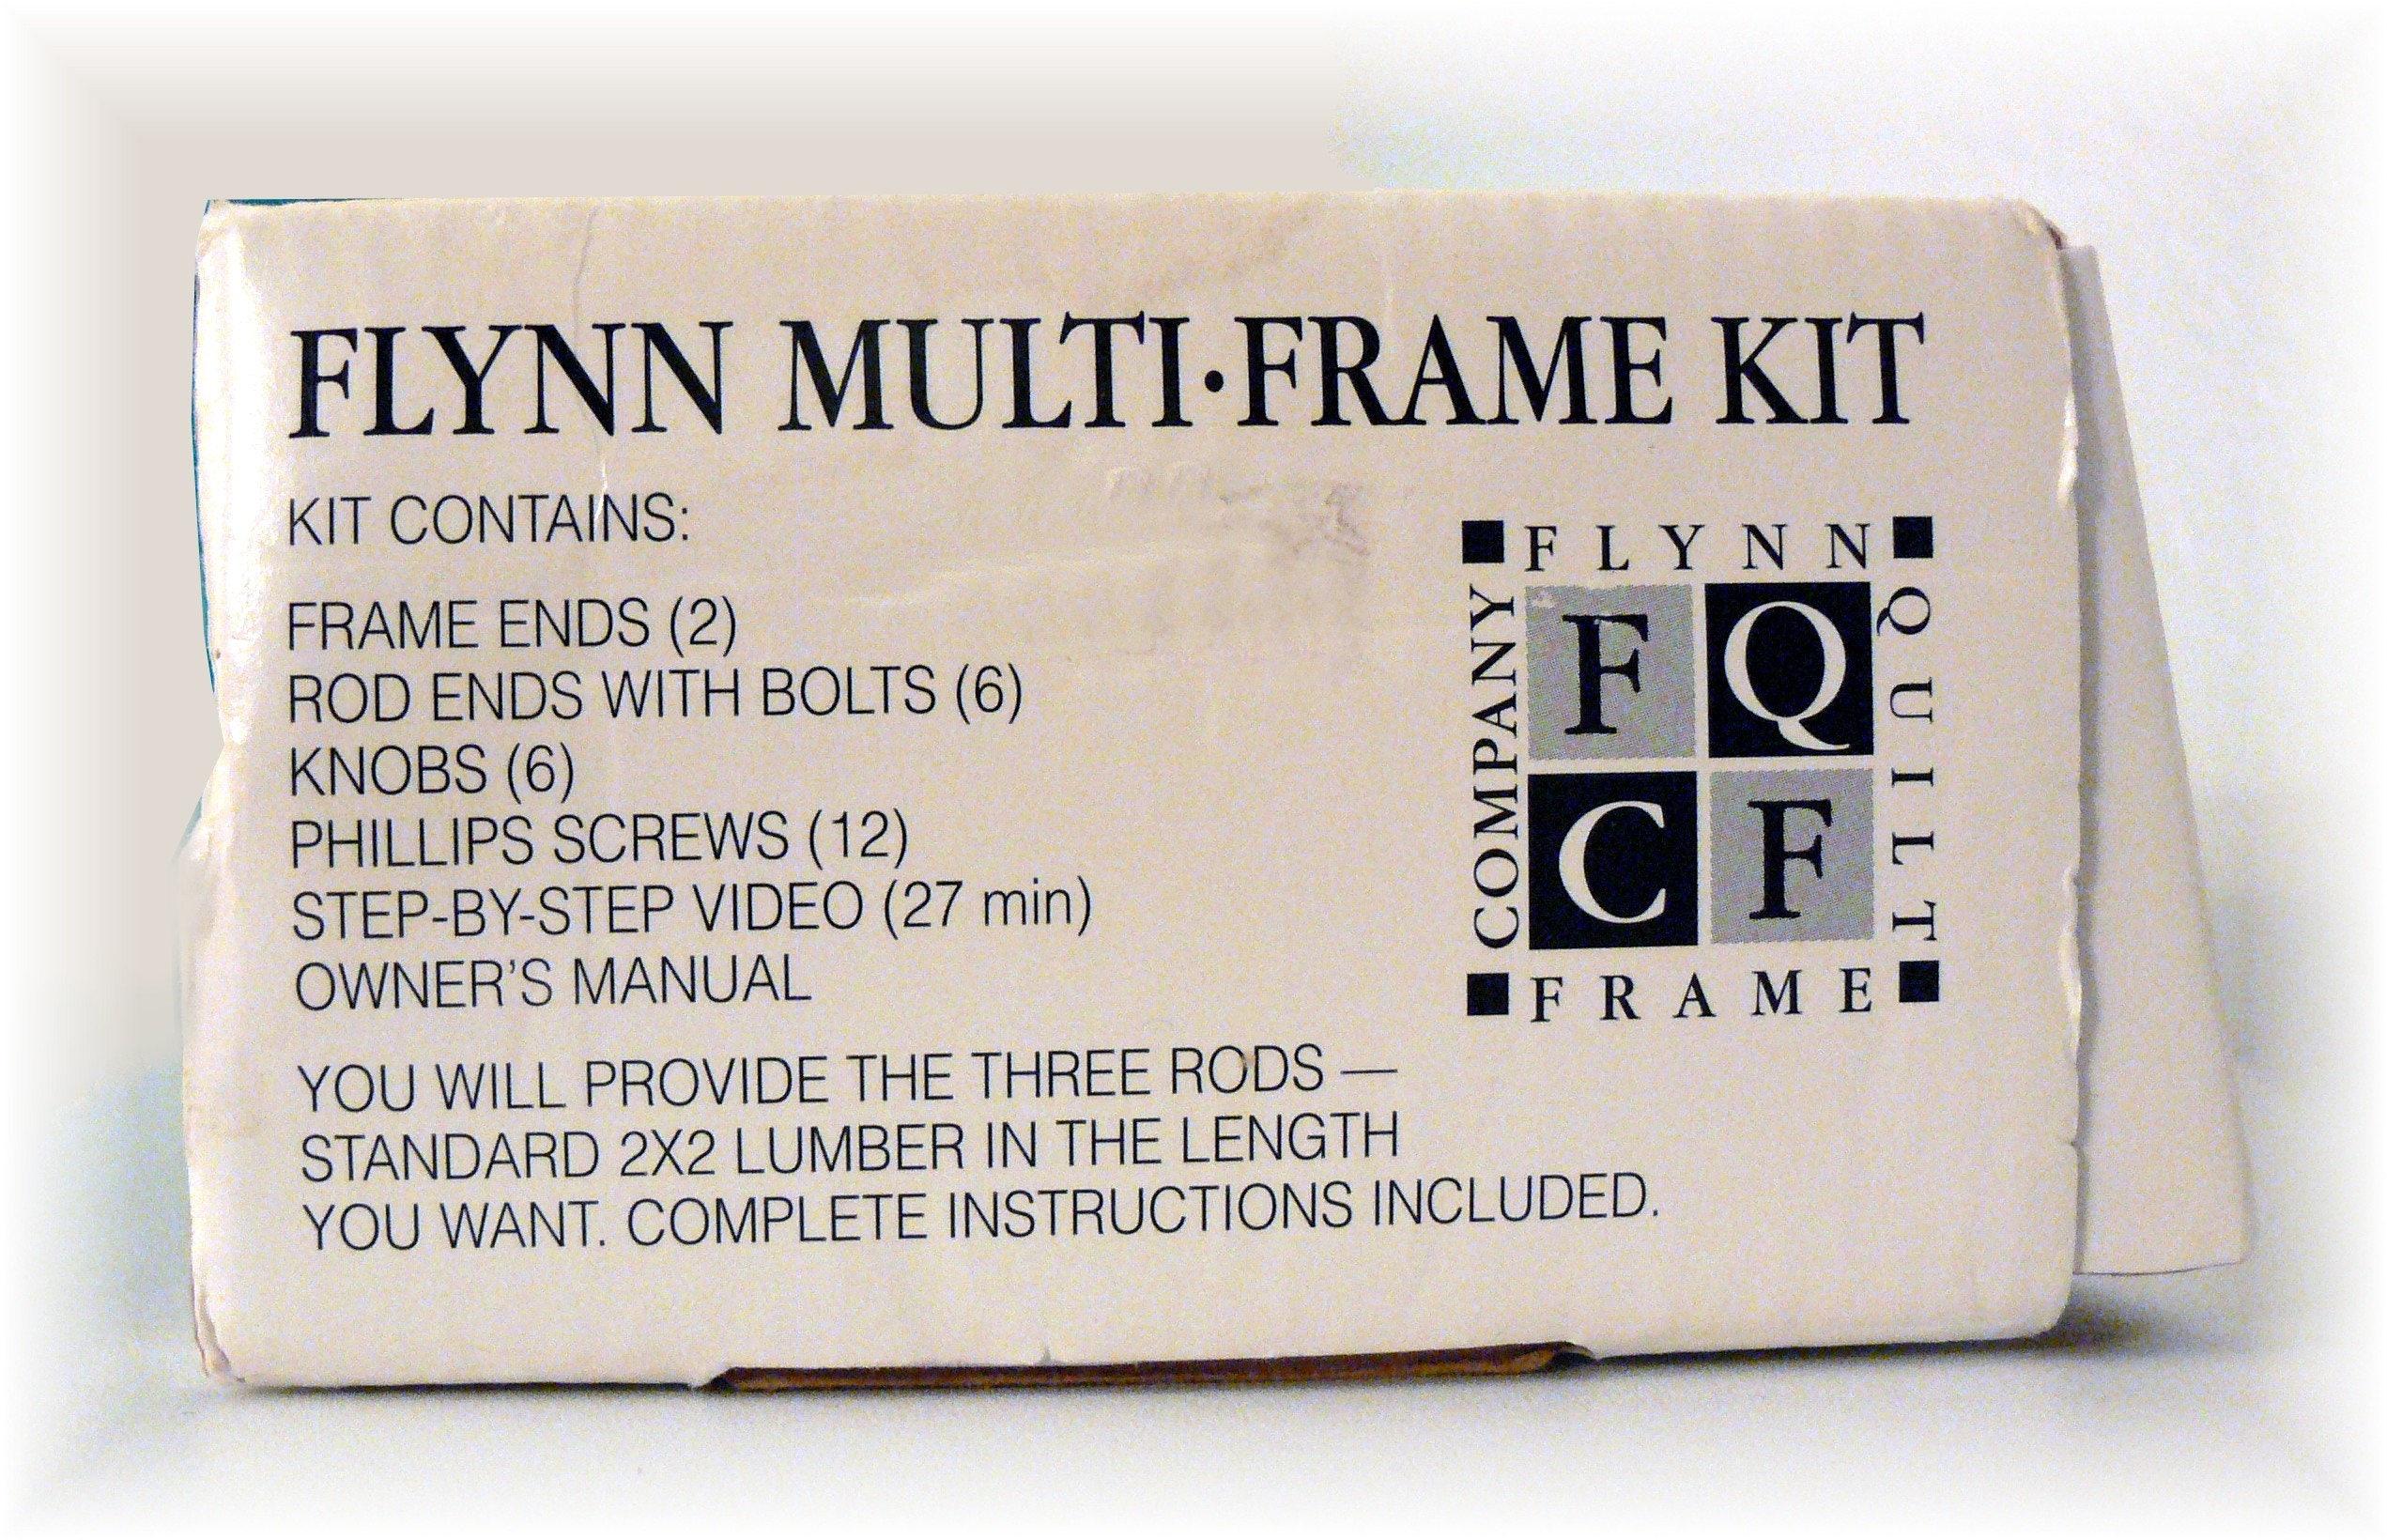 Ungewöhnlich Flynn Multi Frame Fotos - Bilderrahmen Ideen - szurop.info